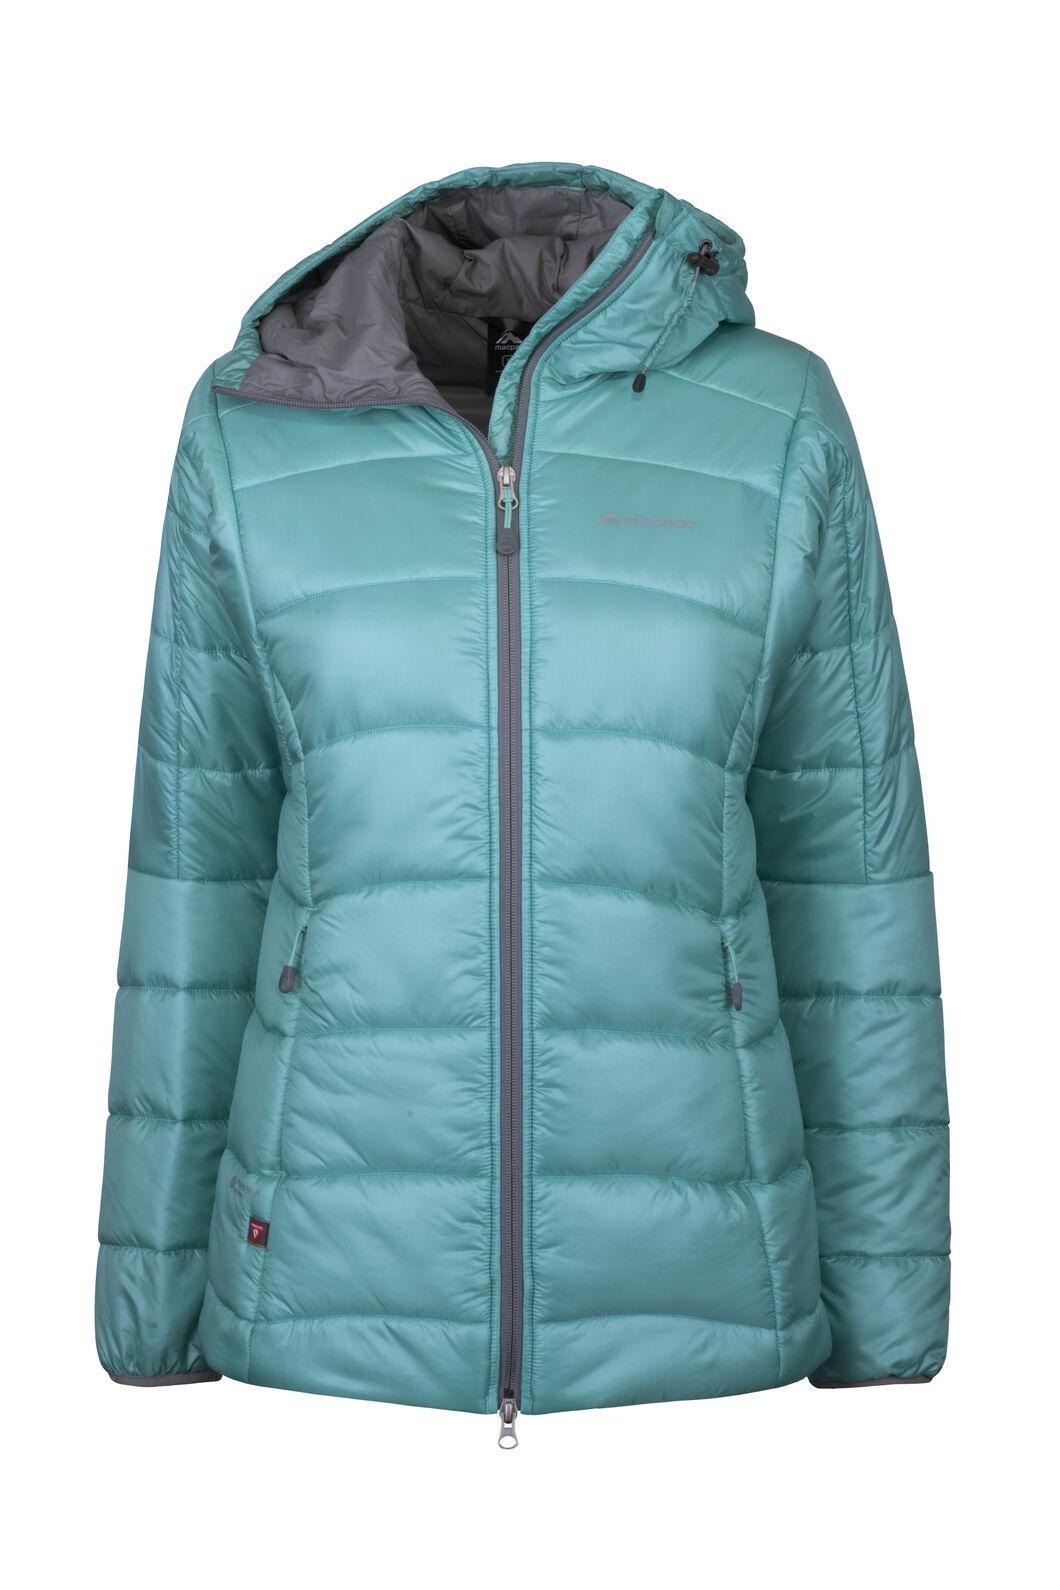 Macpac Pulsar Plus PrimaLoft® Hooded Jacket — Women's, Turquoise, hi-res